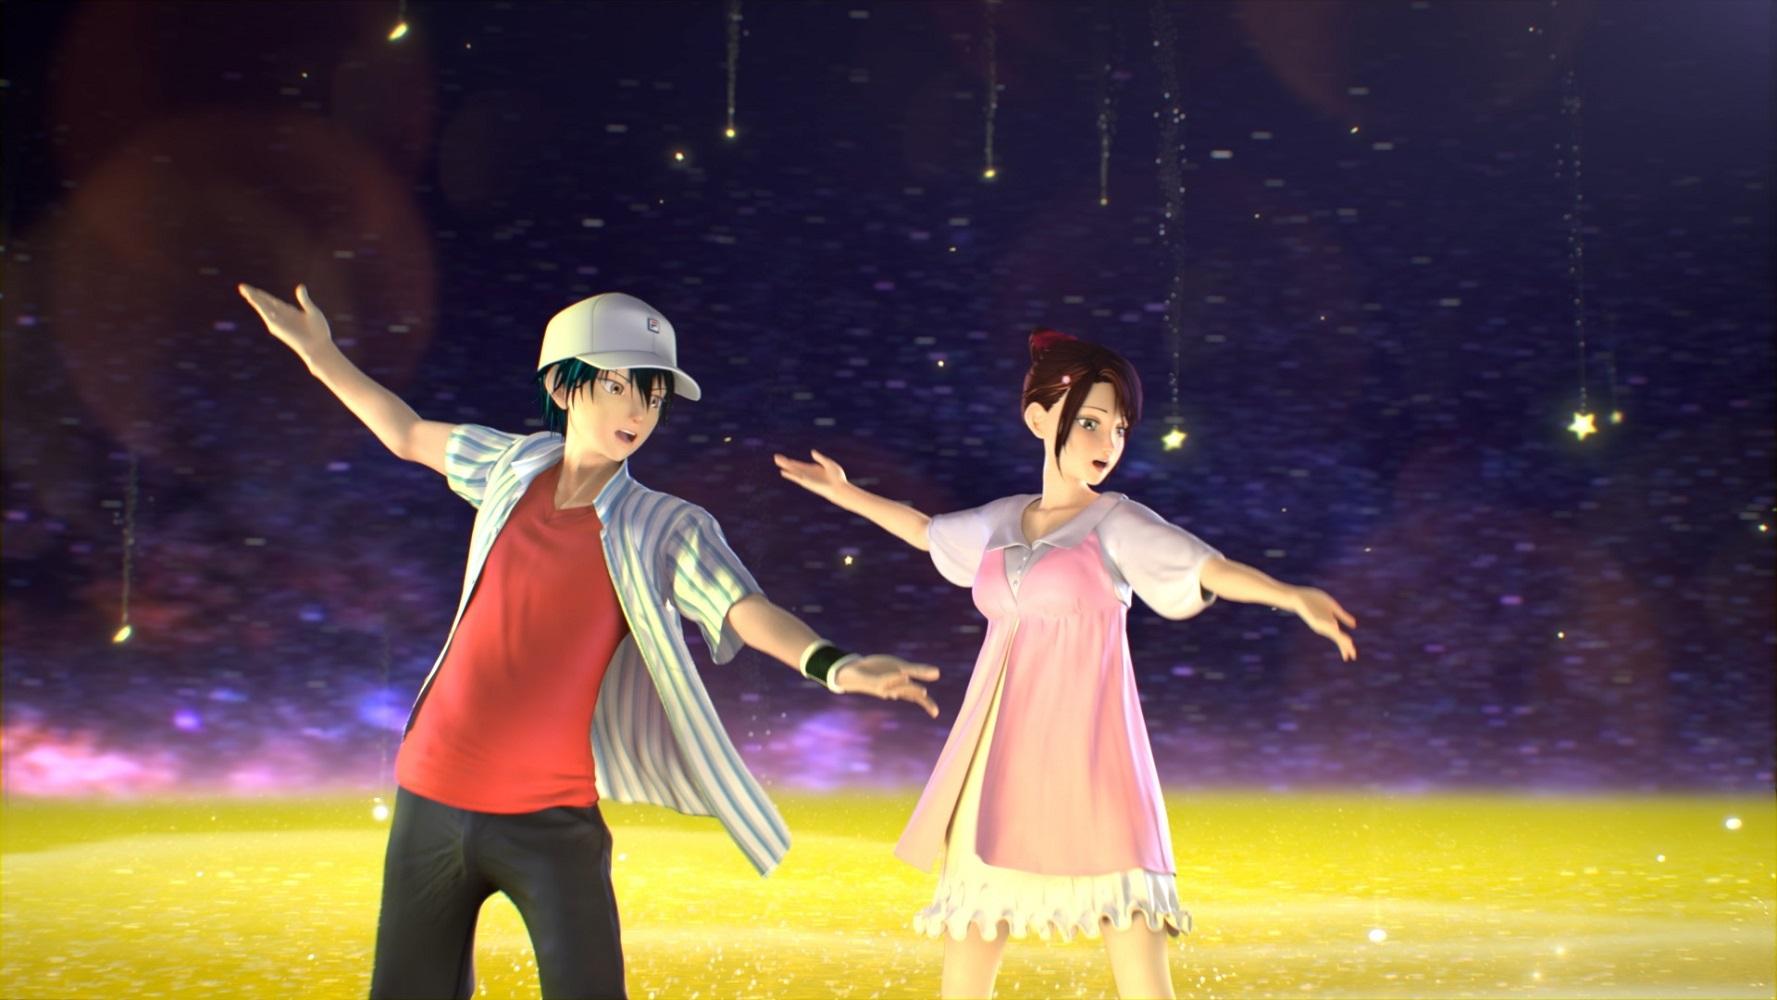 リョーマと桜乃がデュエット&ダンス!?「新生劇場版テニスの王子様」特別映像が解禁